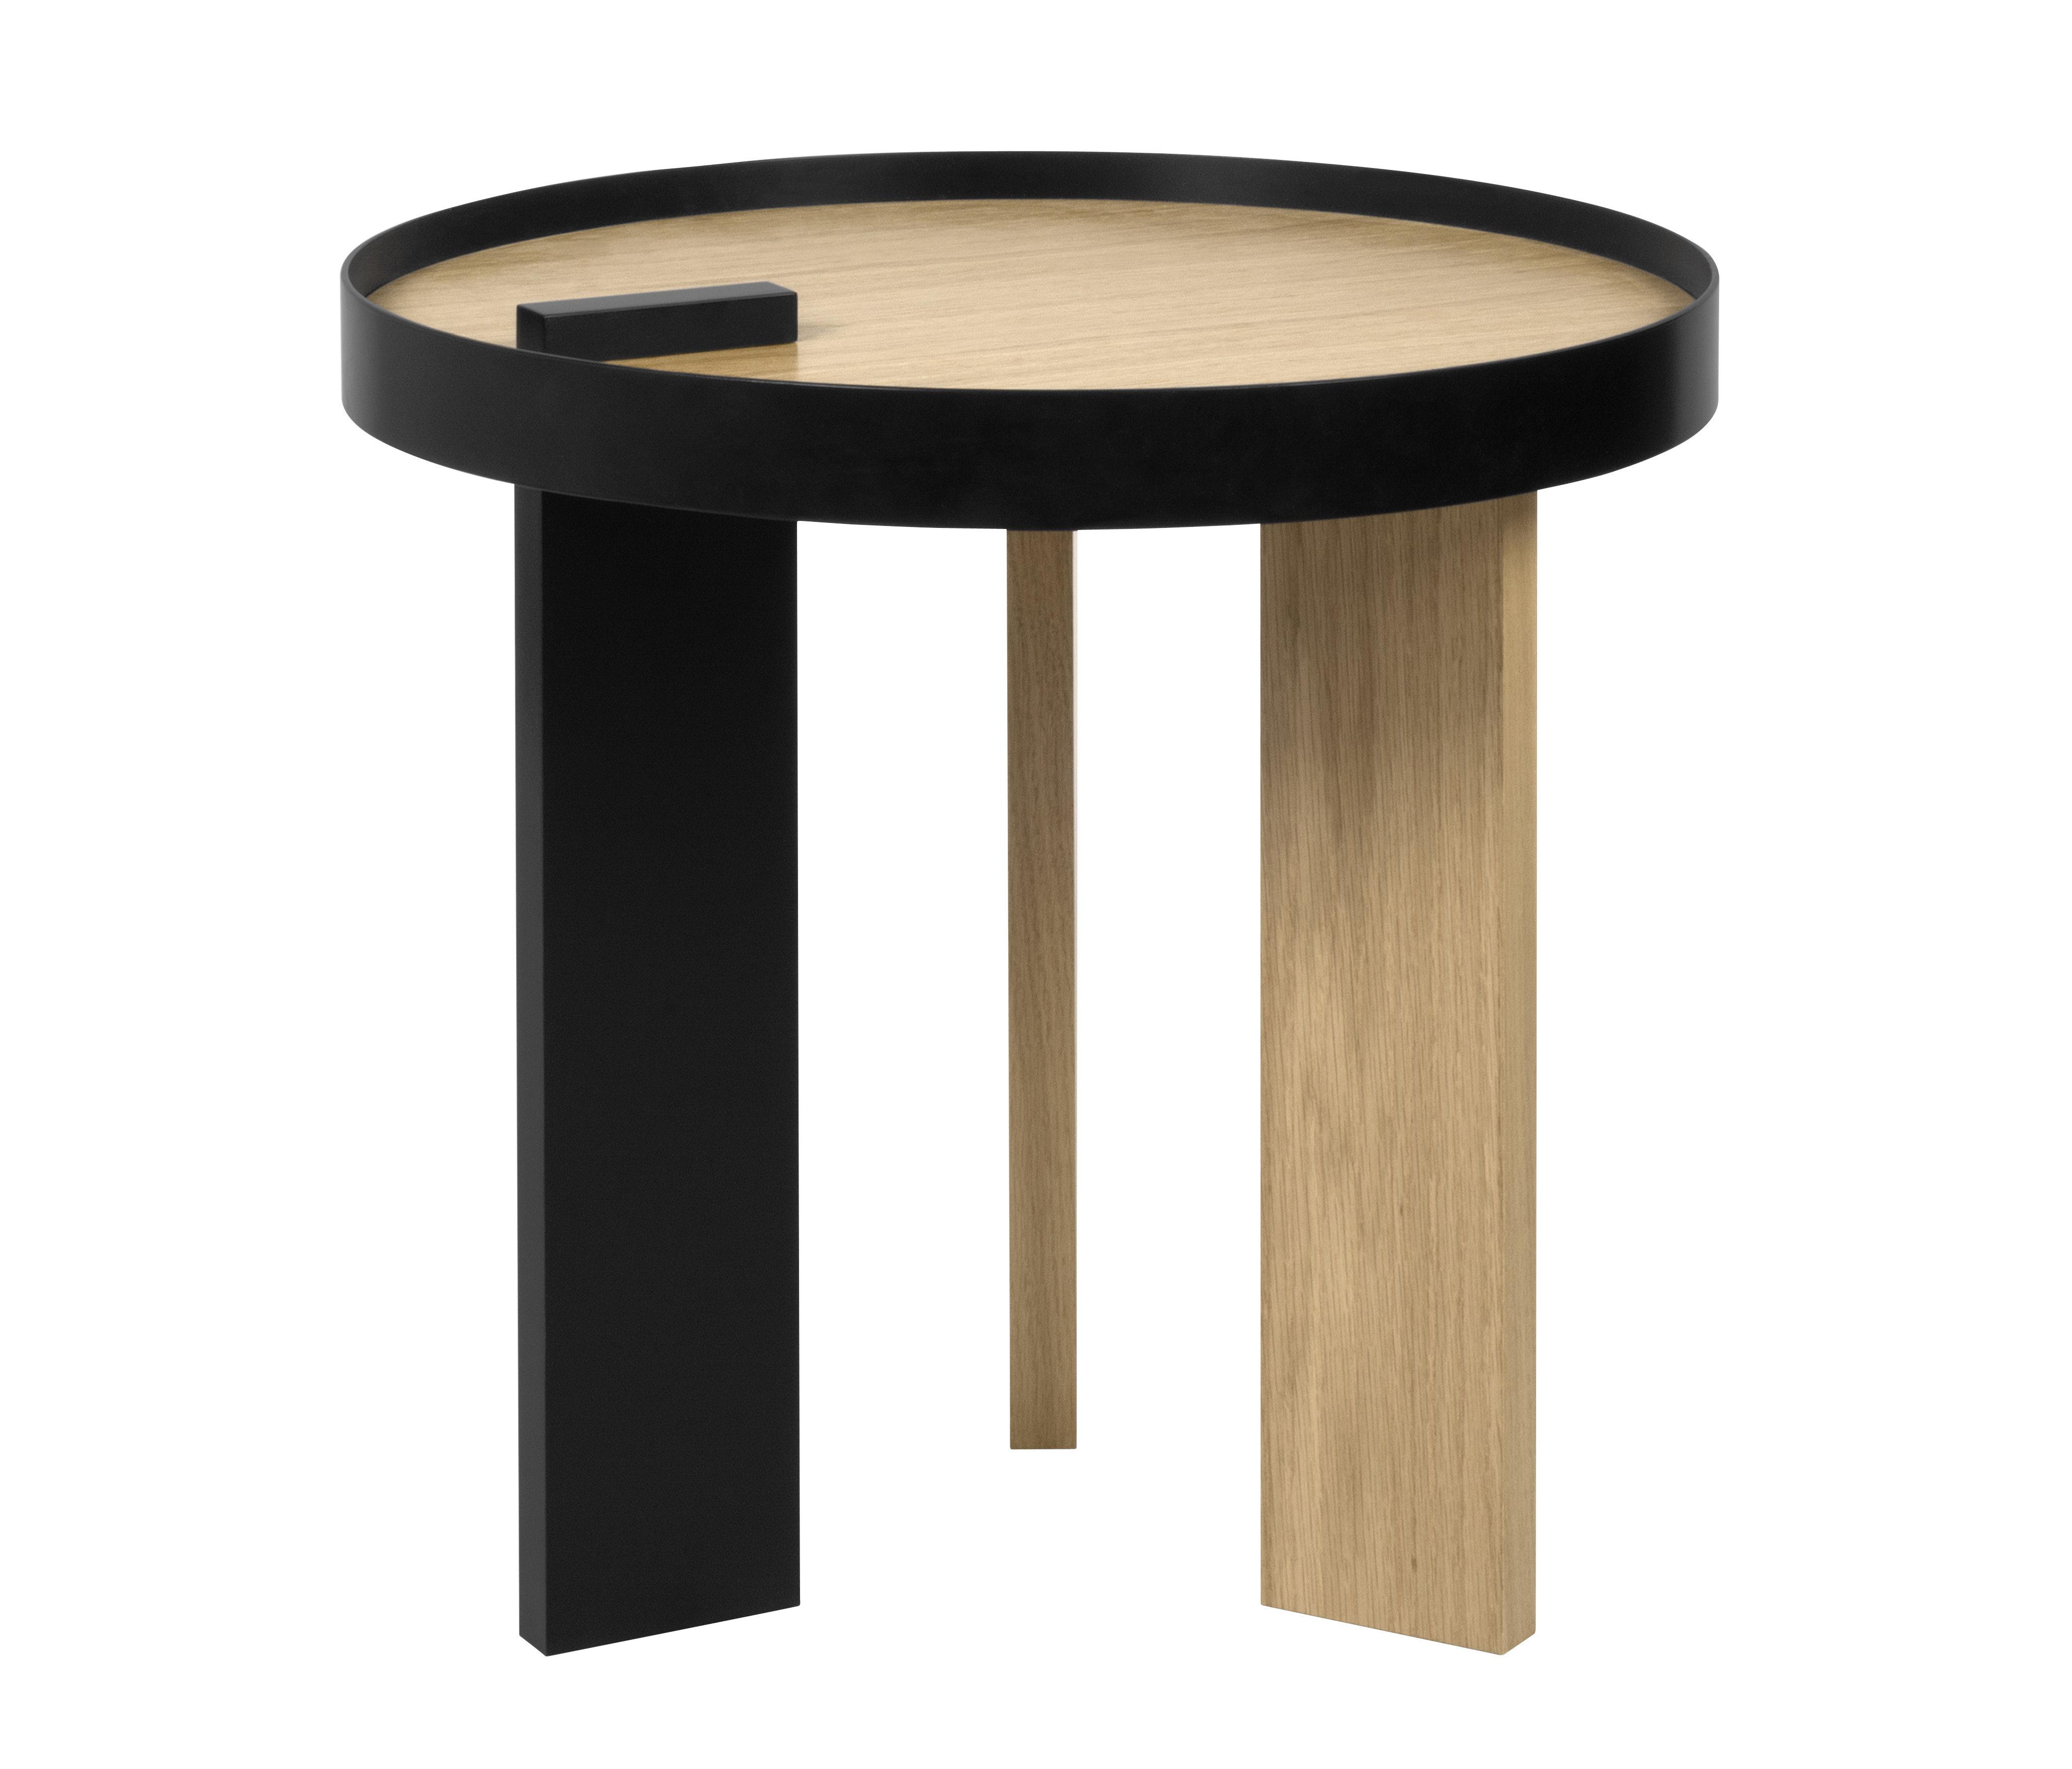 Mobilier - Tables basses - Table d'appoint Tokyo / Bois & Métal - Ø 50 x H 50 cm - POP UP HOME - Chêne & Noir - Métal laqué, Panneaux alvéolaires